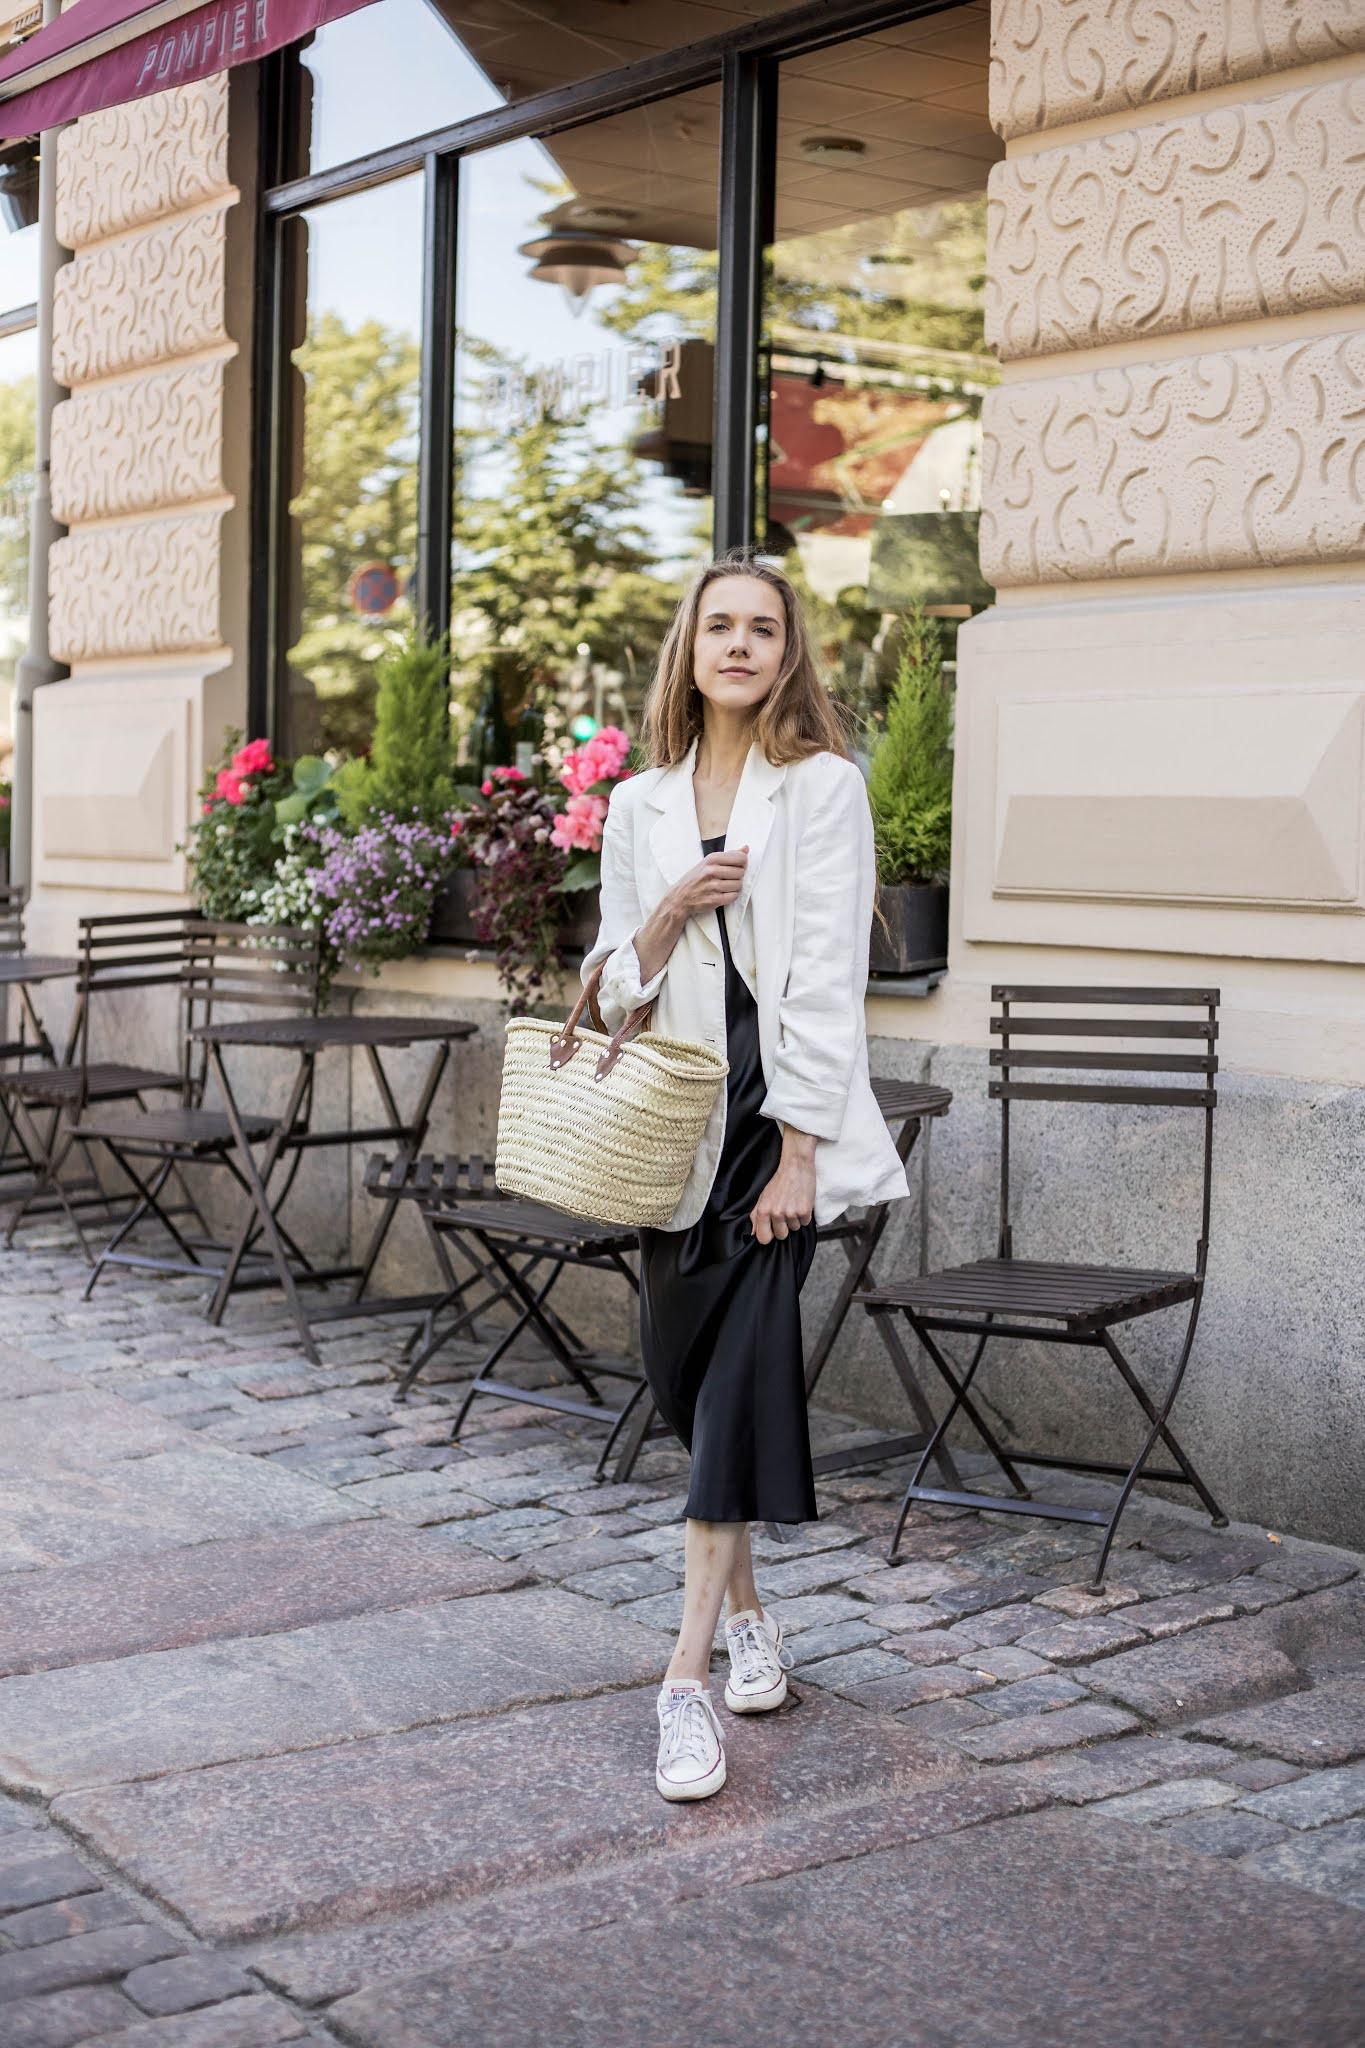 Kuinka pukeutua toimistolle kesällä // What to wear to the office in summer